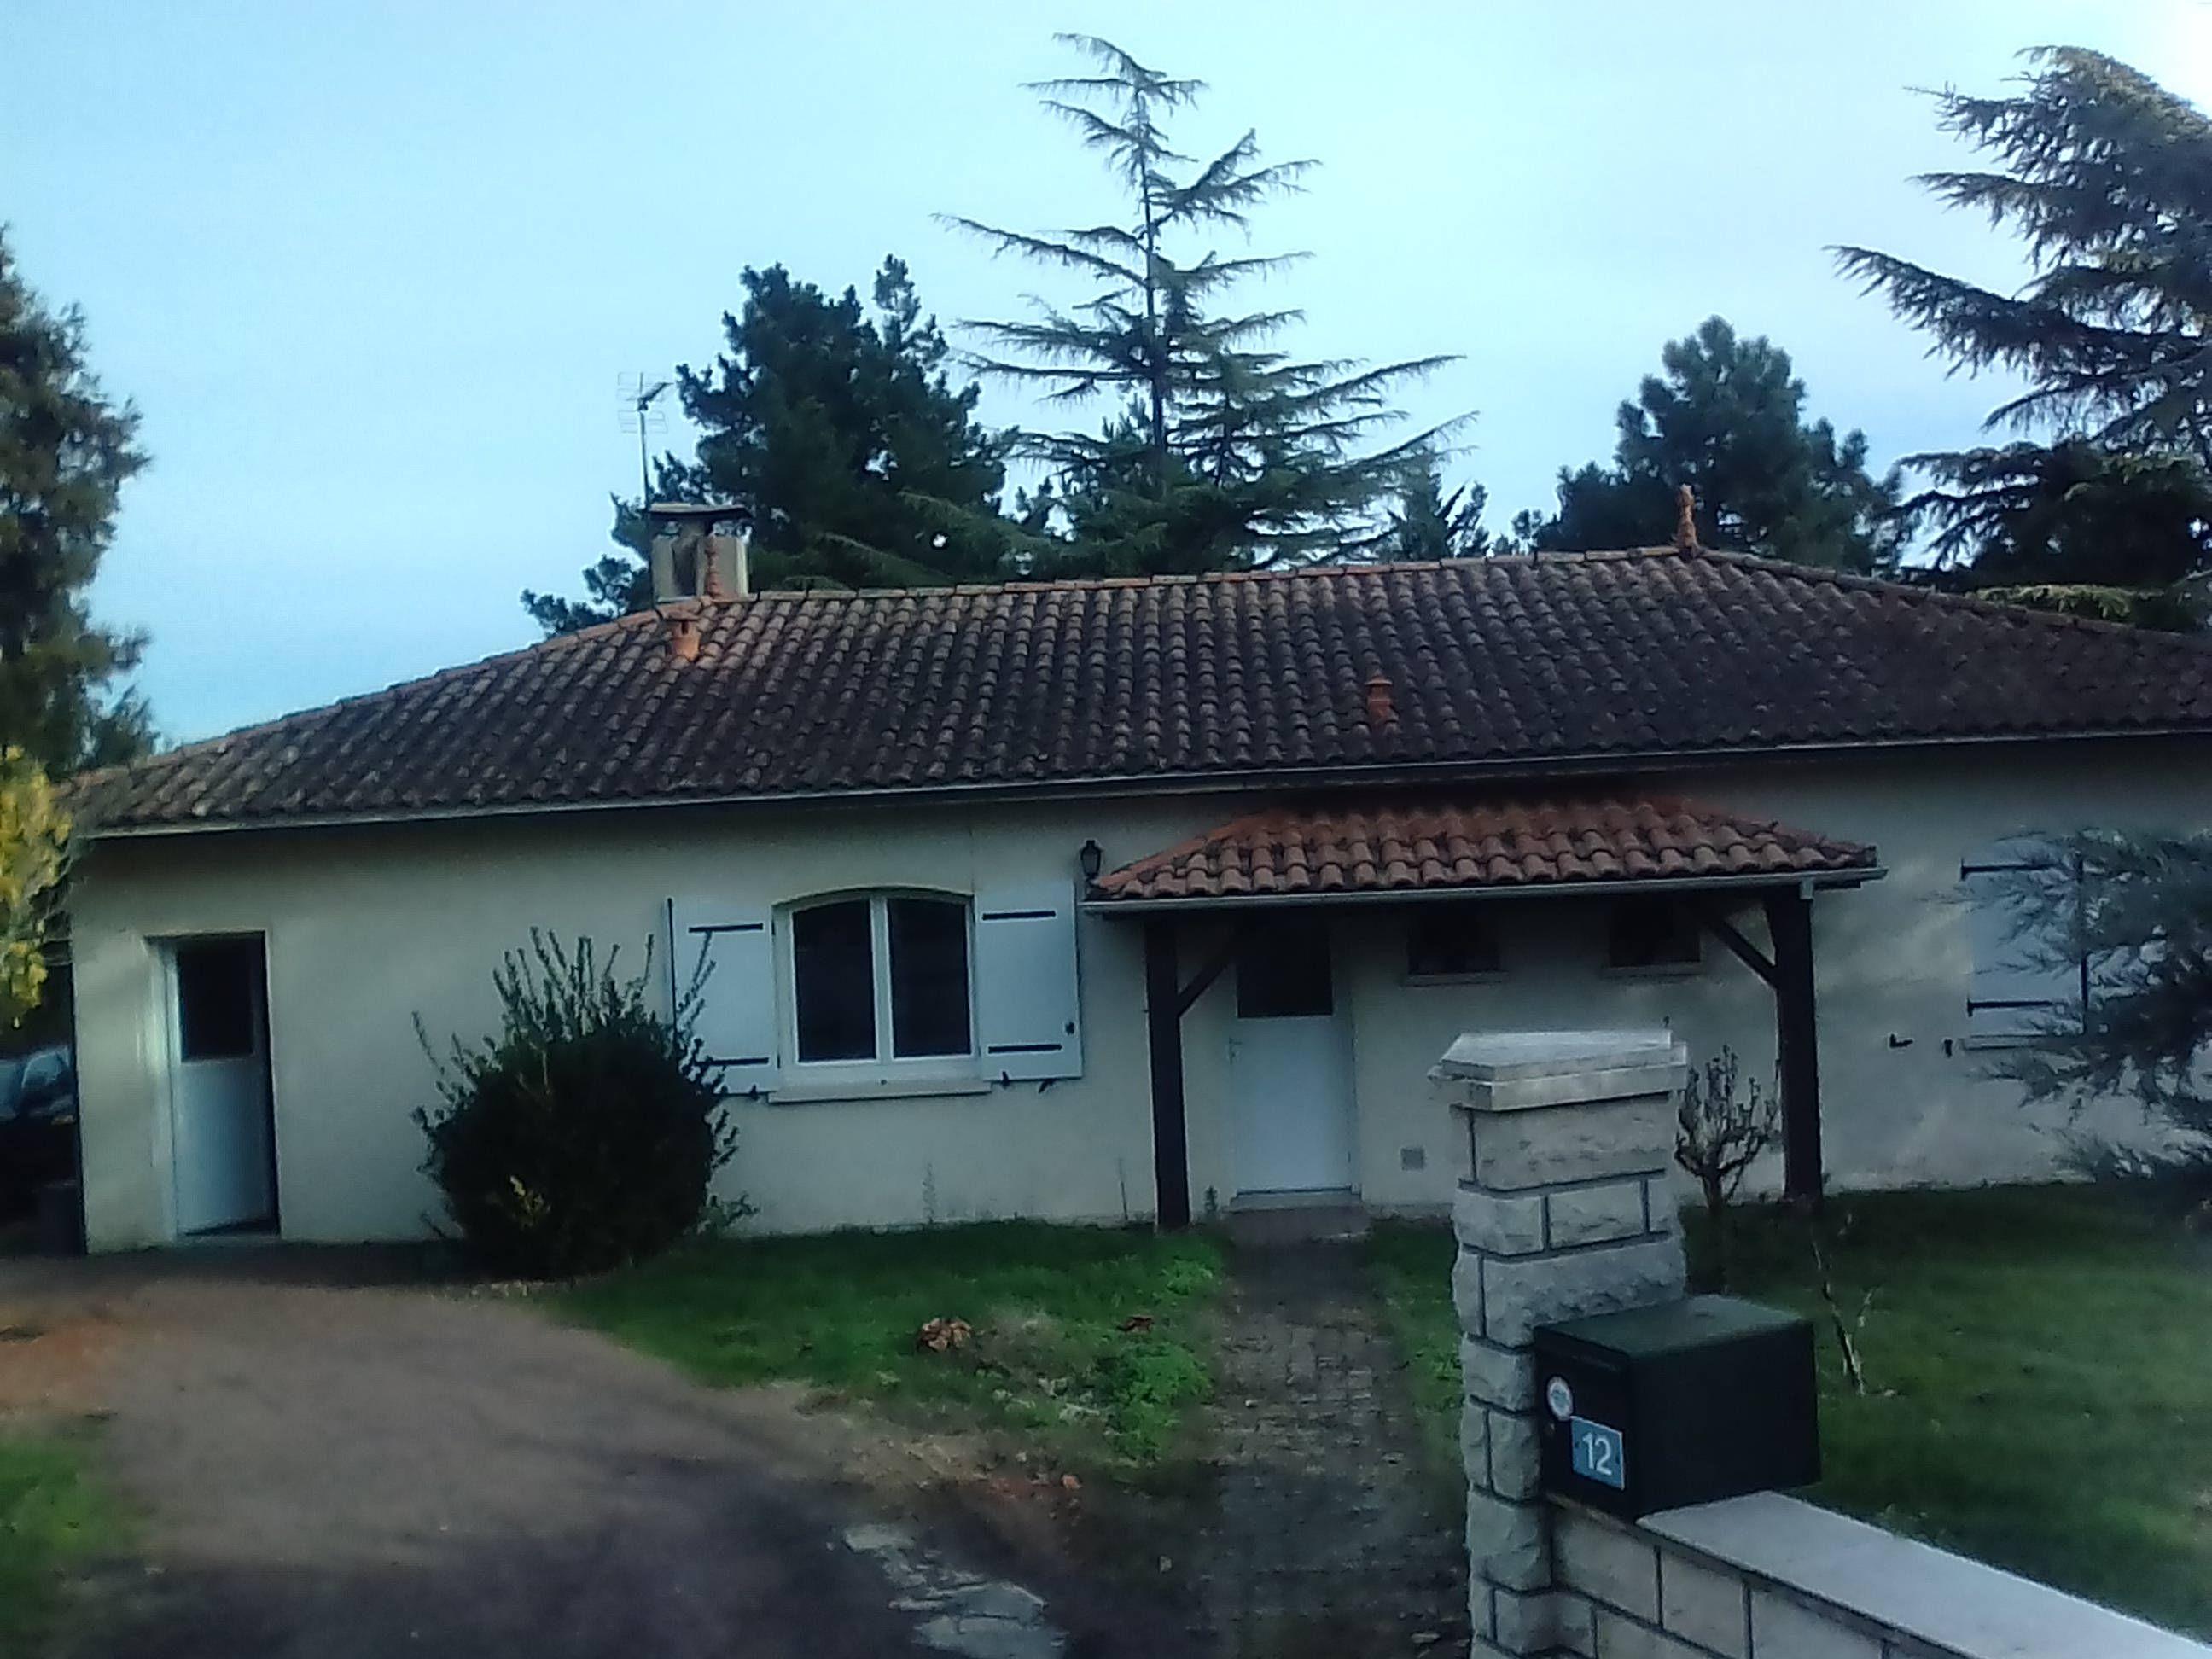 Chambre-à-louer-Vayres-MathieuC